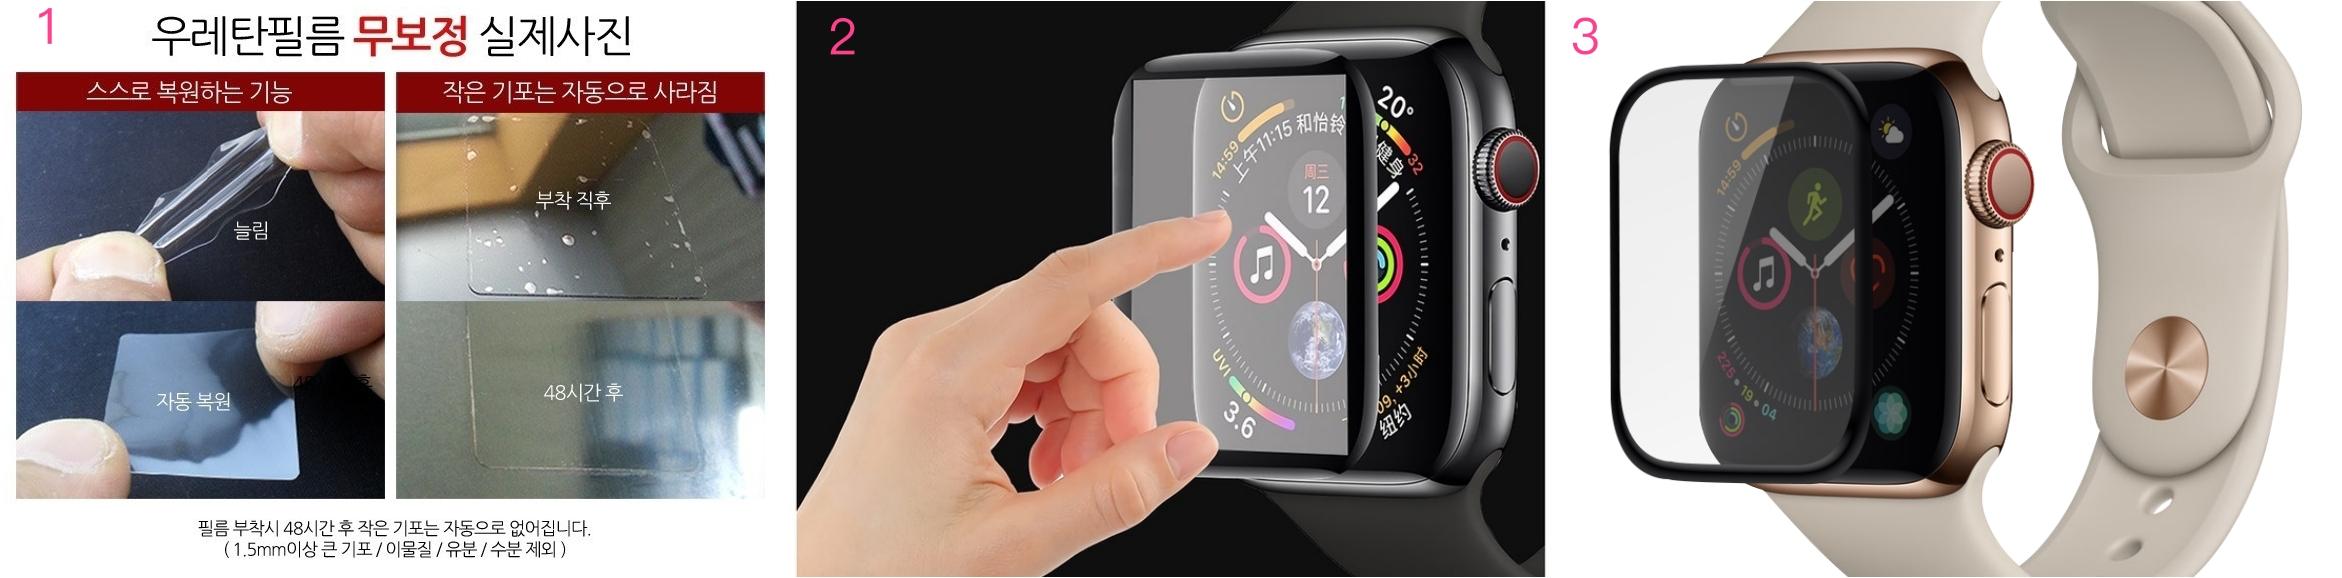 애플워치4 액정 커버...품질은 광고와 달랐다